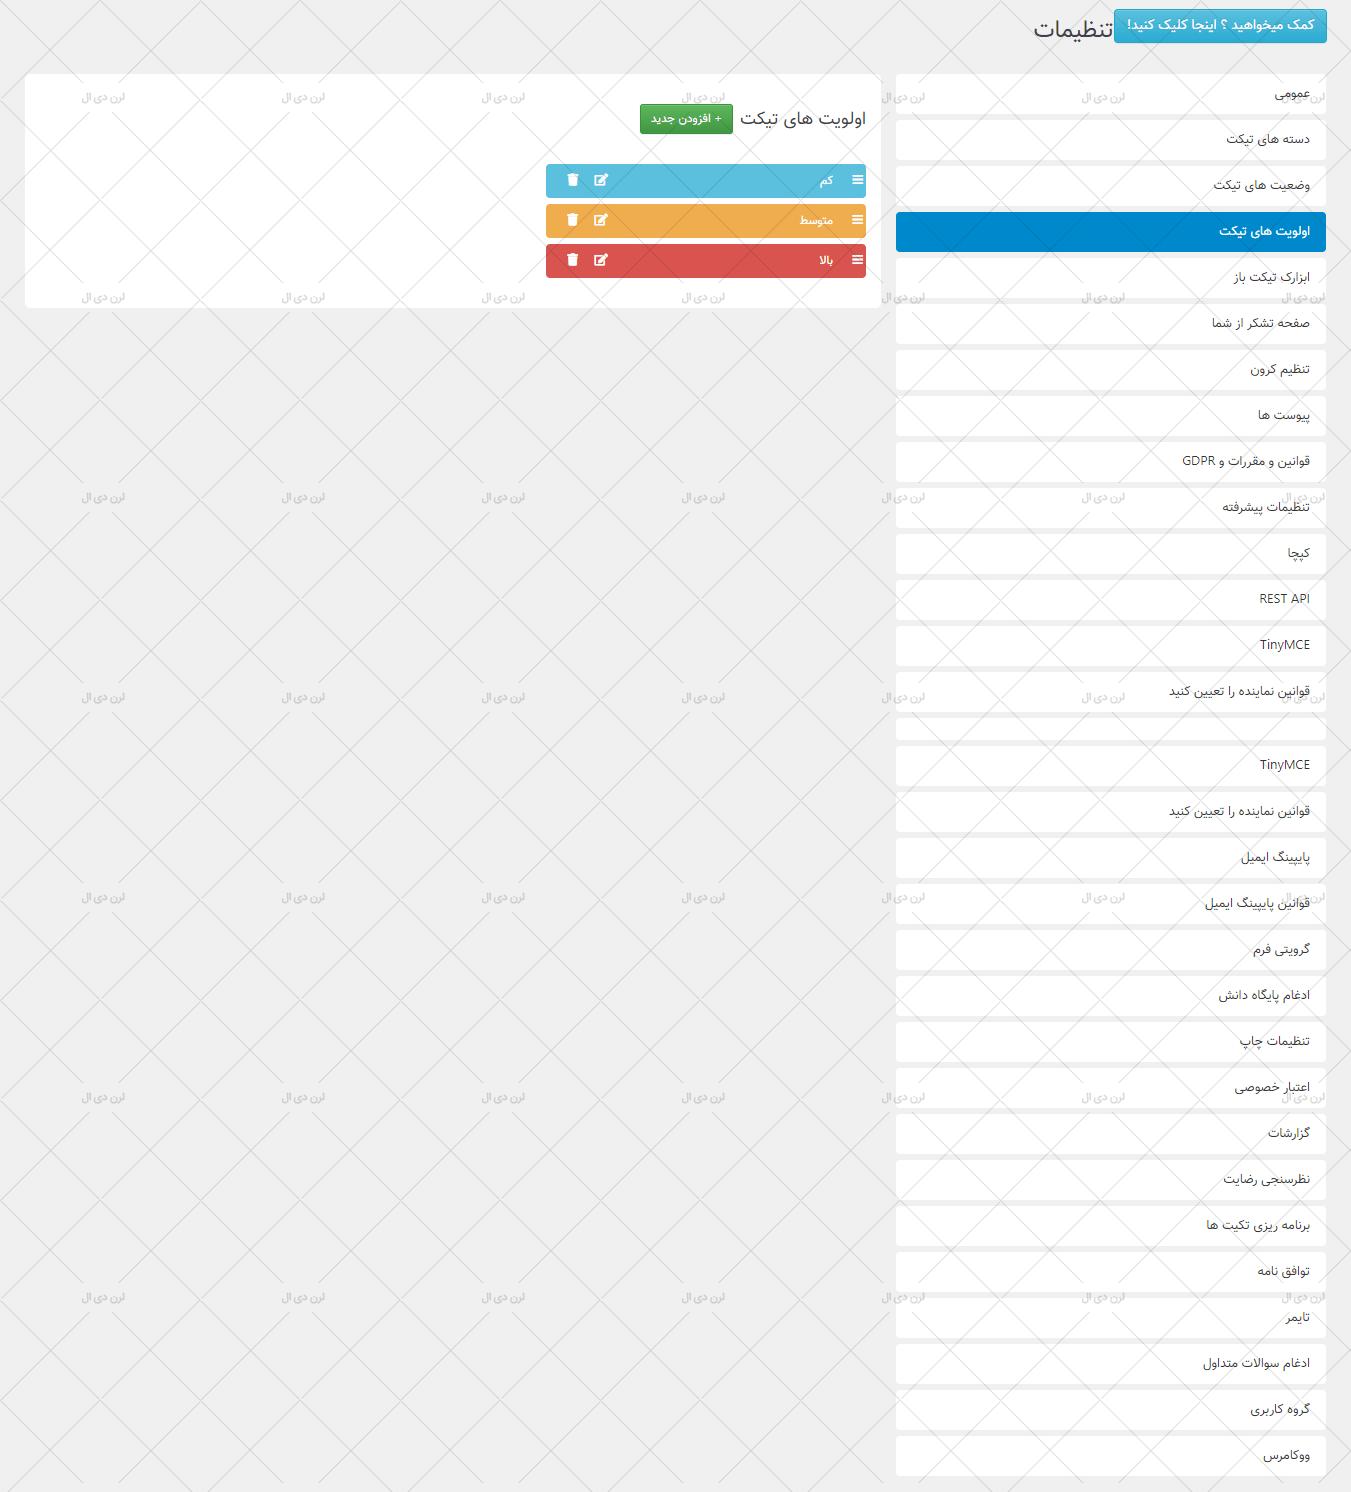 افزودنی های SupportCandy فارسی سازی شده